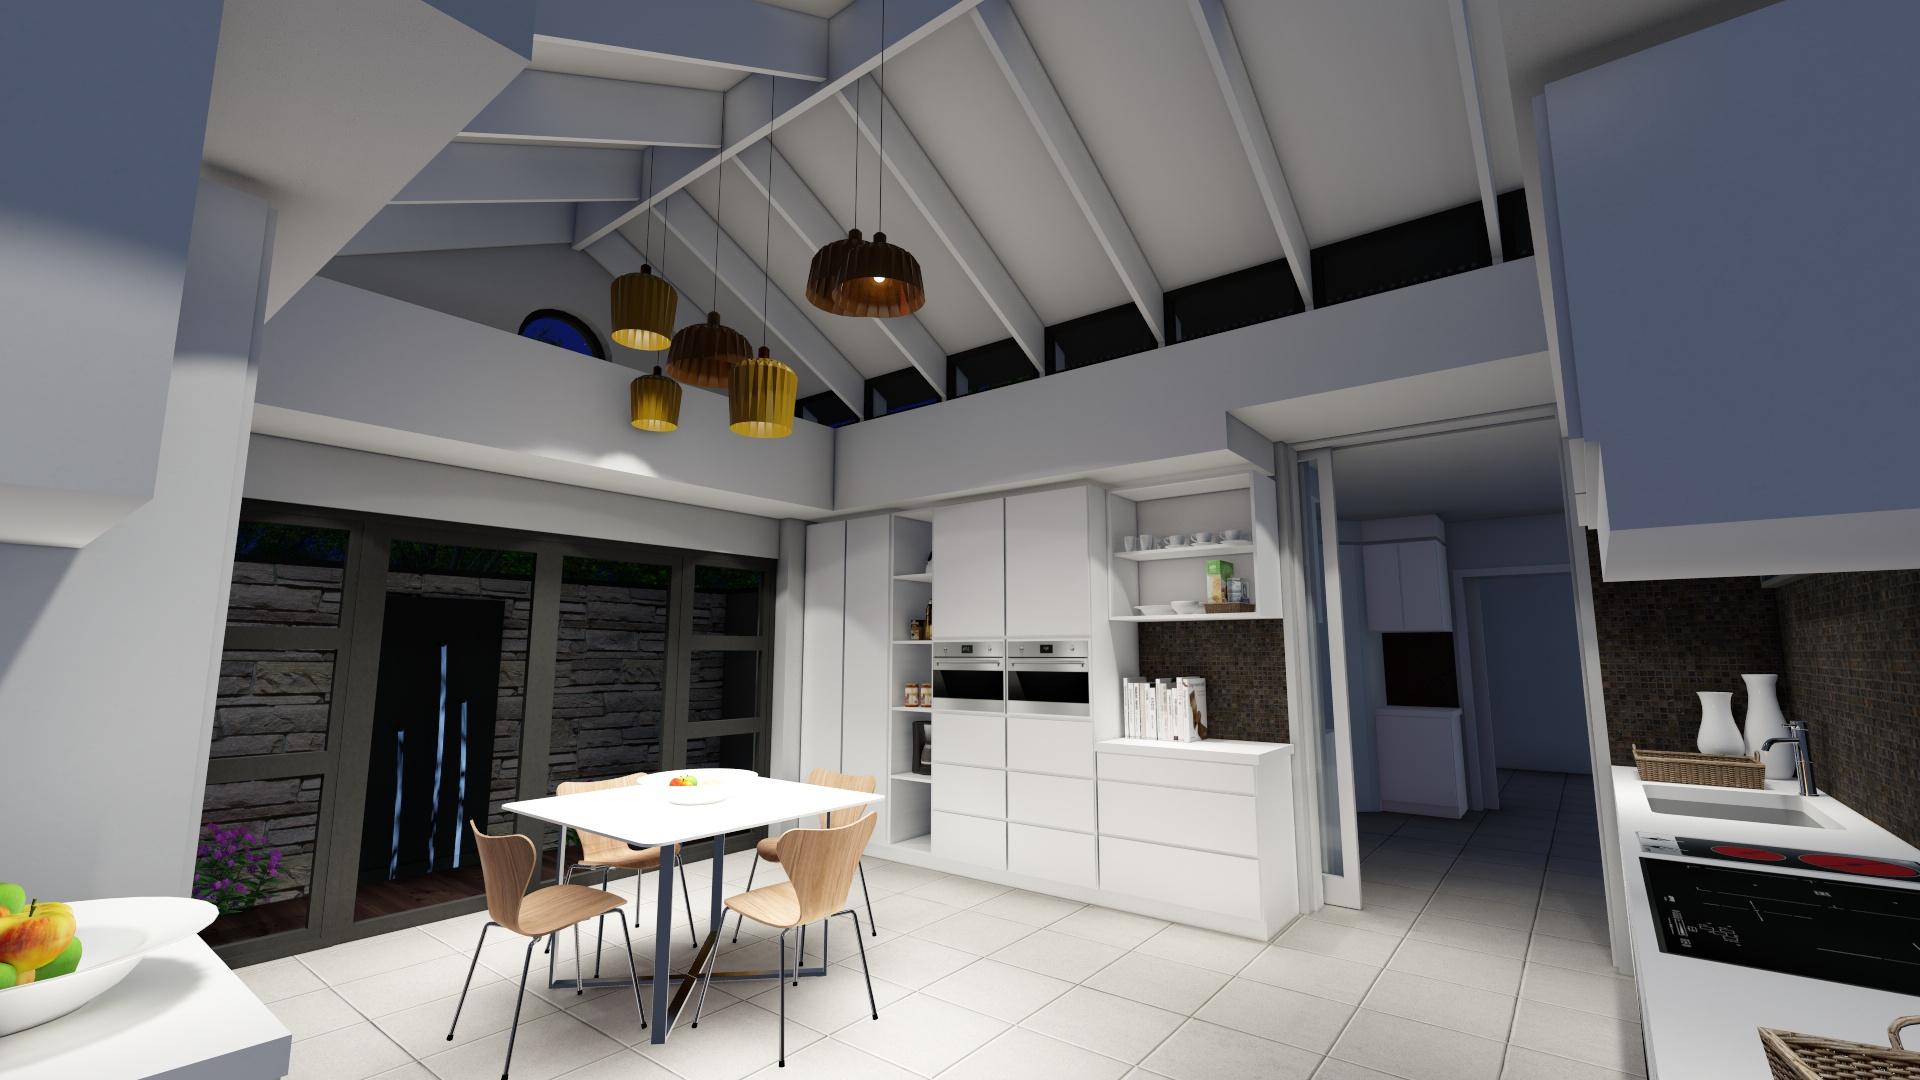 Kitchen Lights test